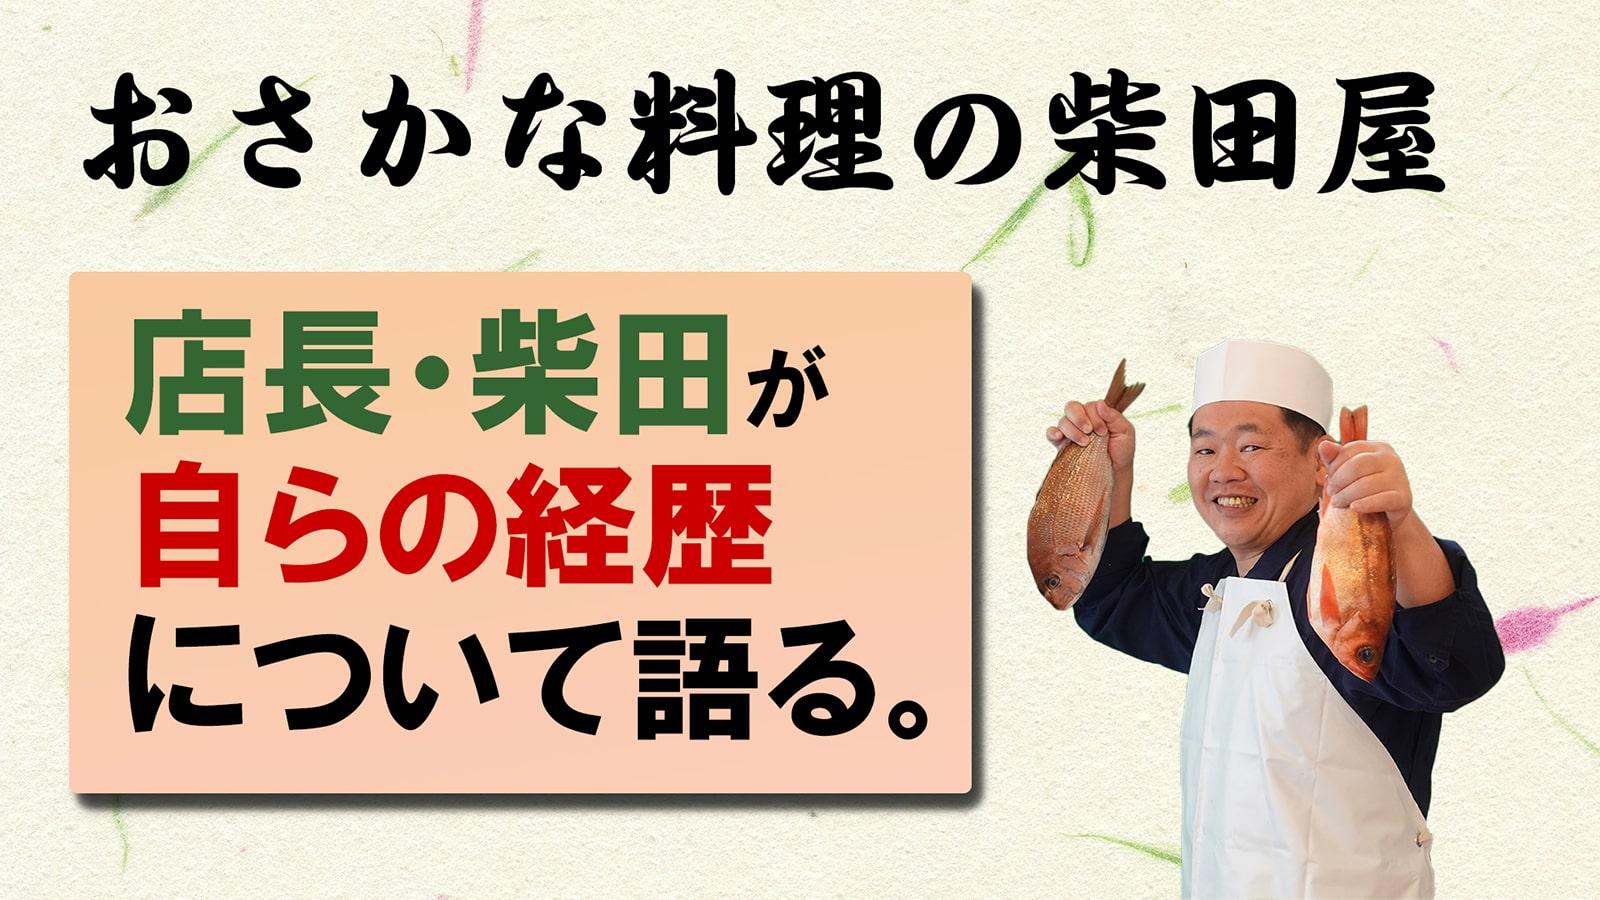 おさかな料理の柴田屋・店長の柴田が自らの経歴について語る